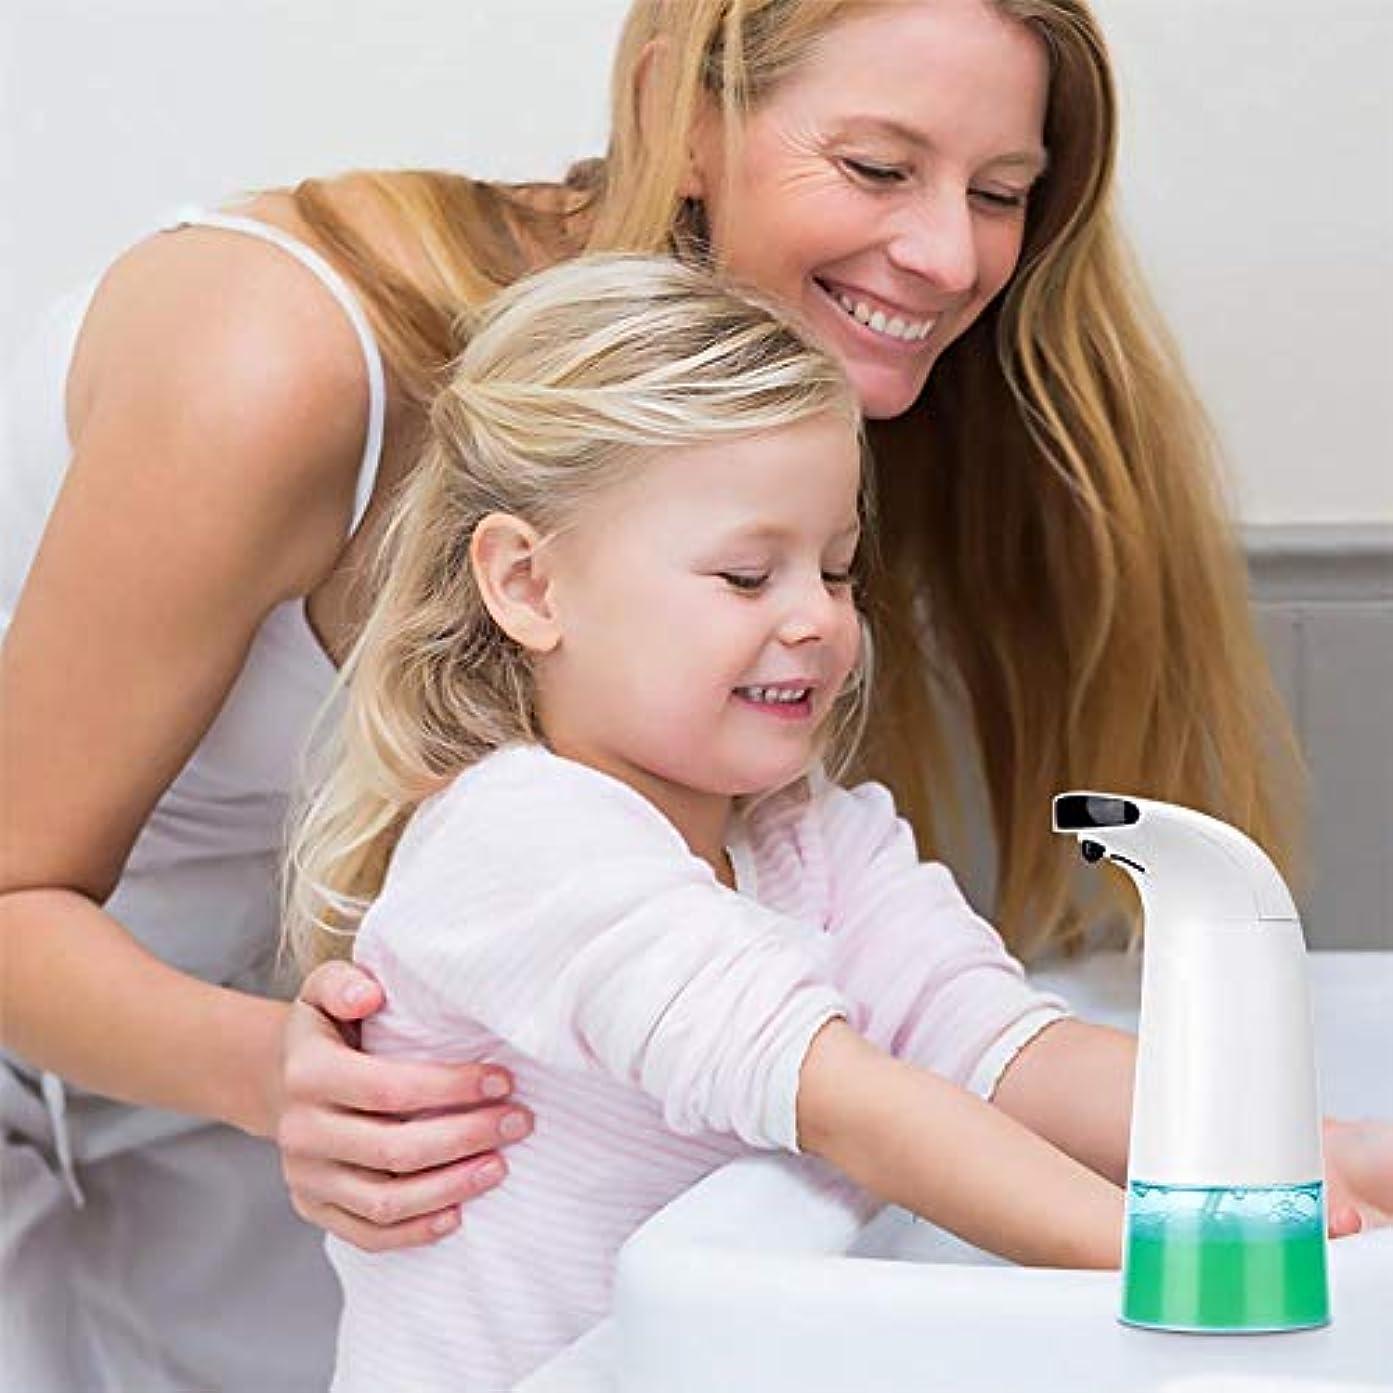 個性潜むまあミューズ ノータッチスマート赤外線センシング自動泡ハンドソープ 殺菌 消毒 漏れ防止設計 キッチントイレ用